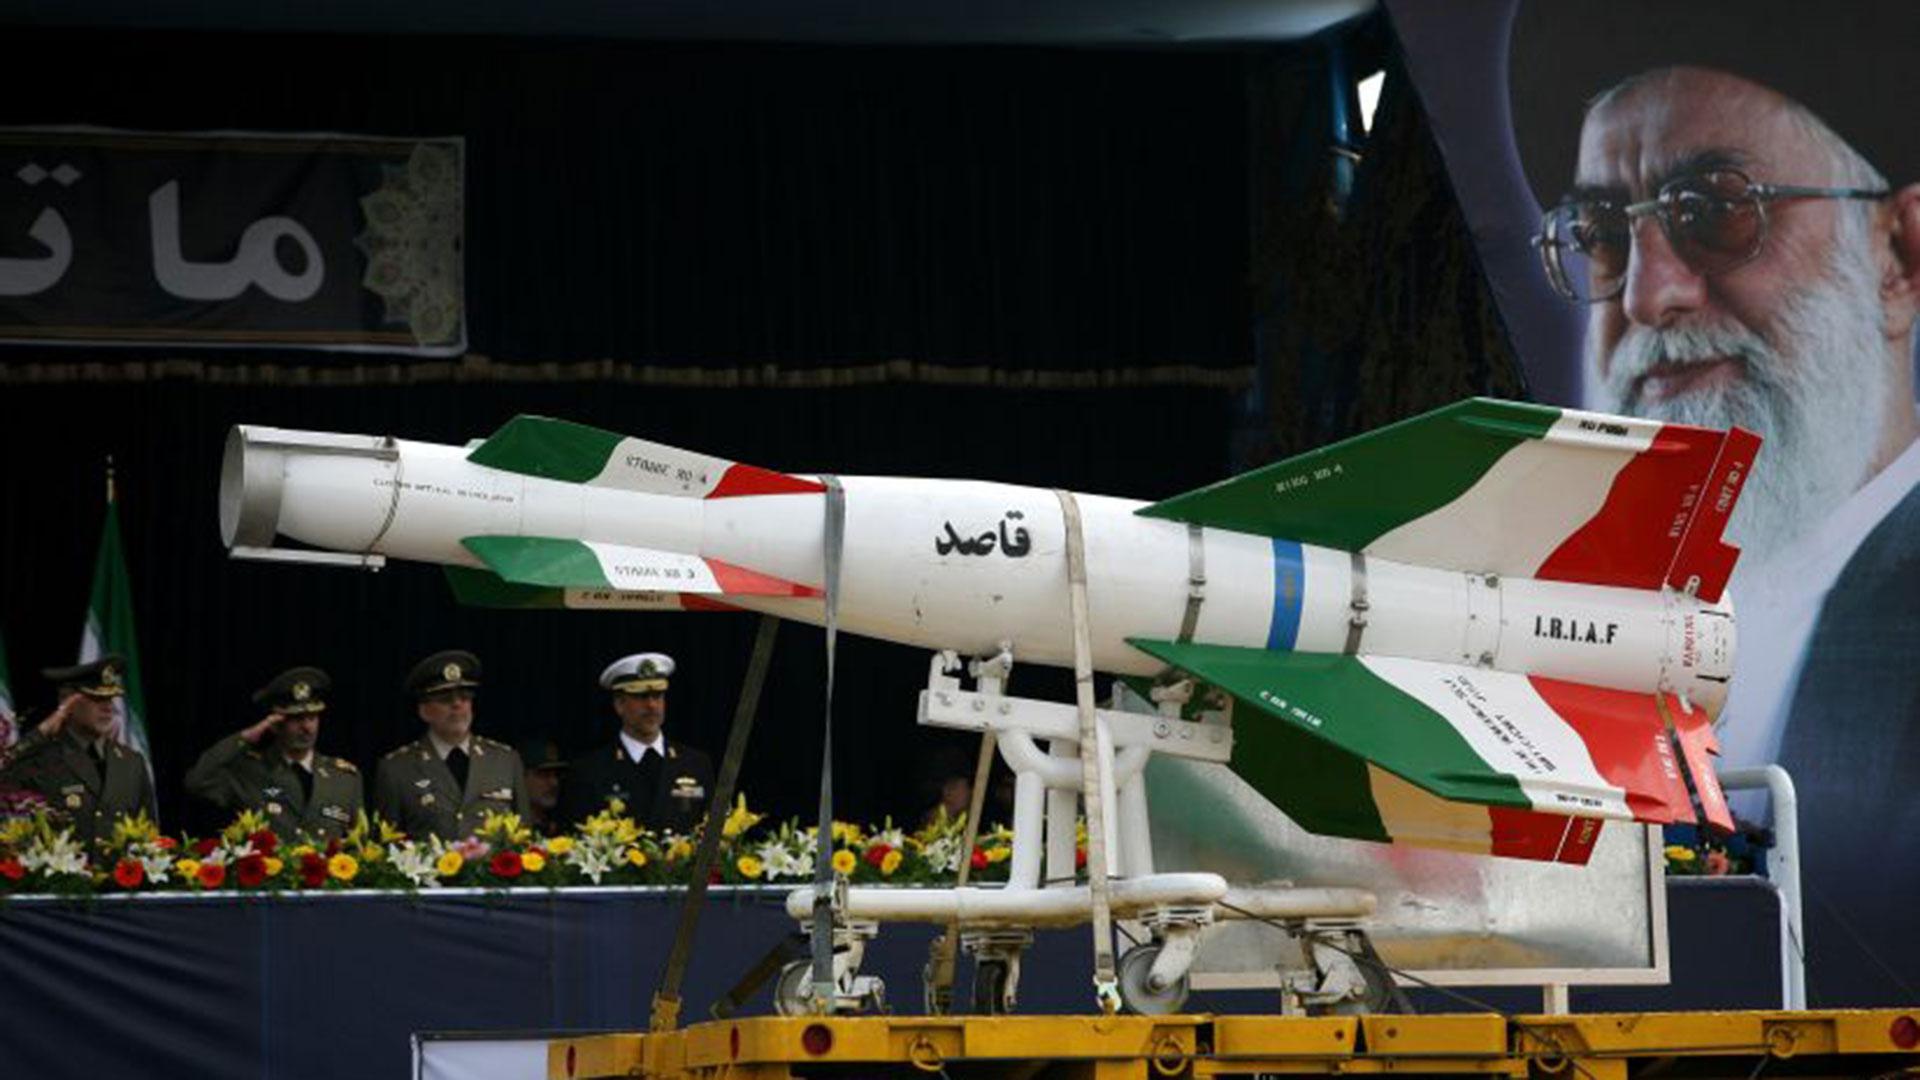 Irán amenazó con atacar bases norteamericanas si EEUU impone nuevas sanciones contra el régimen persa